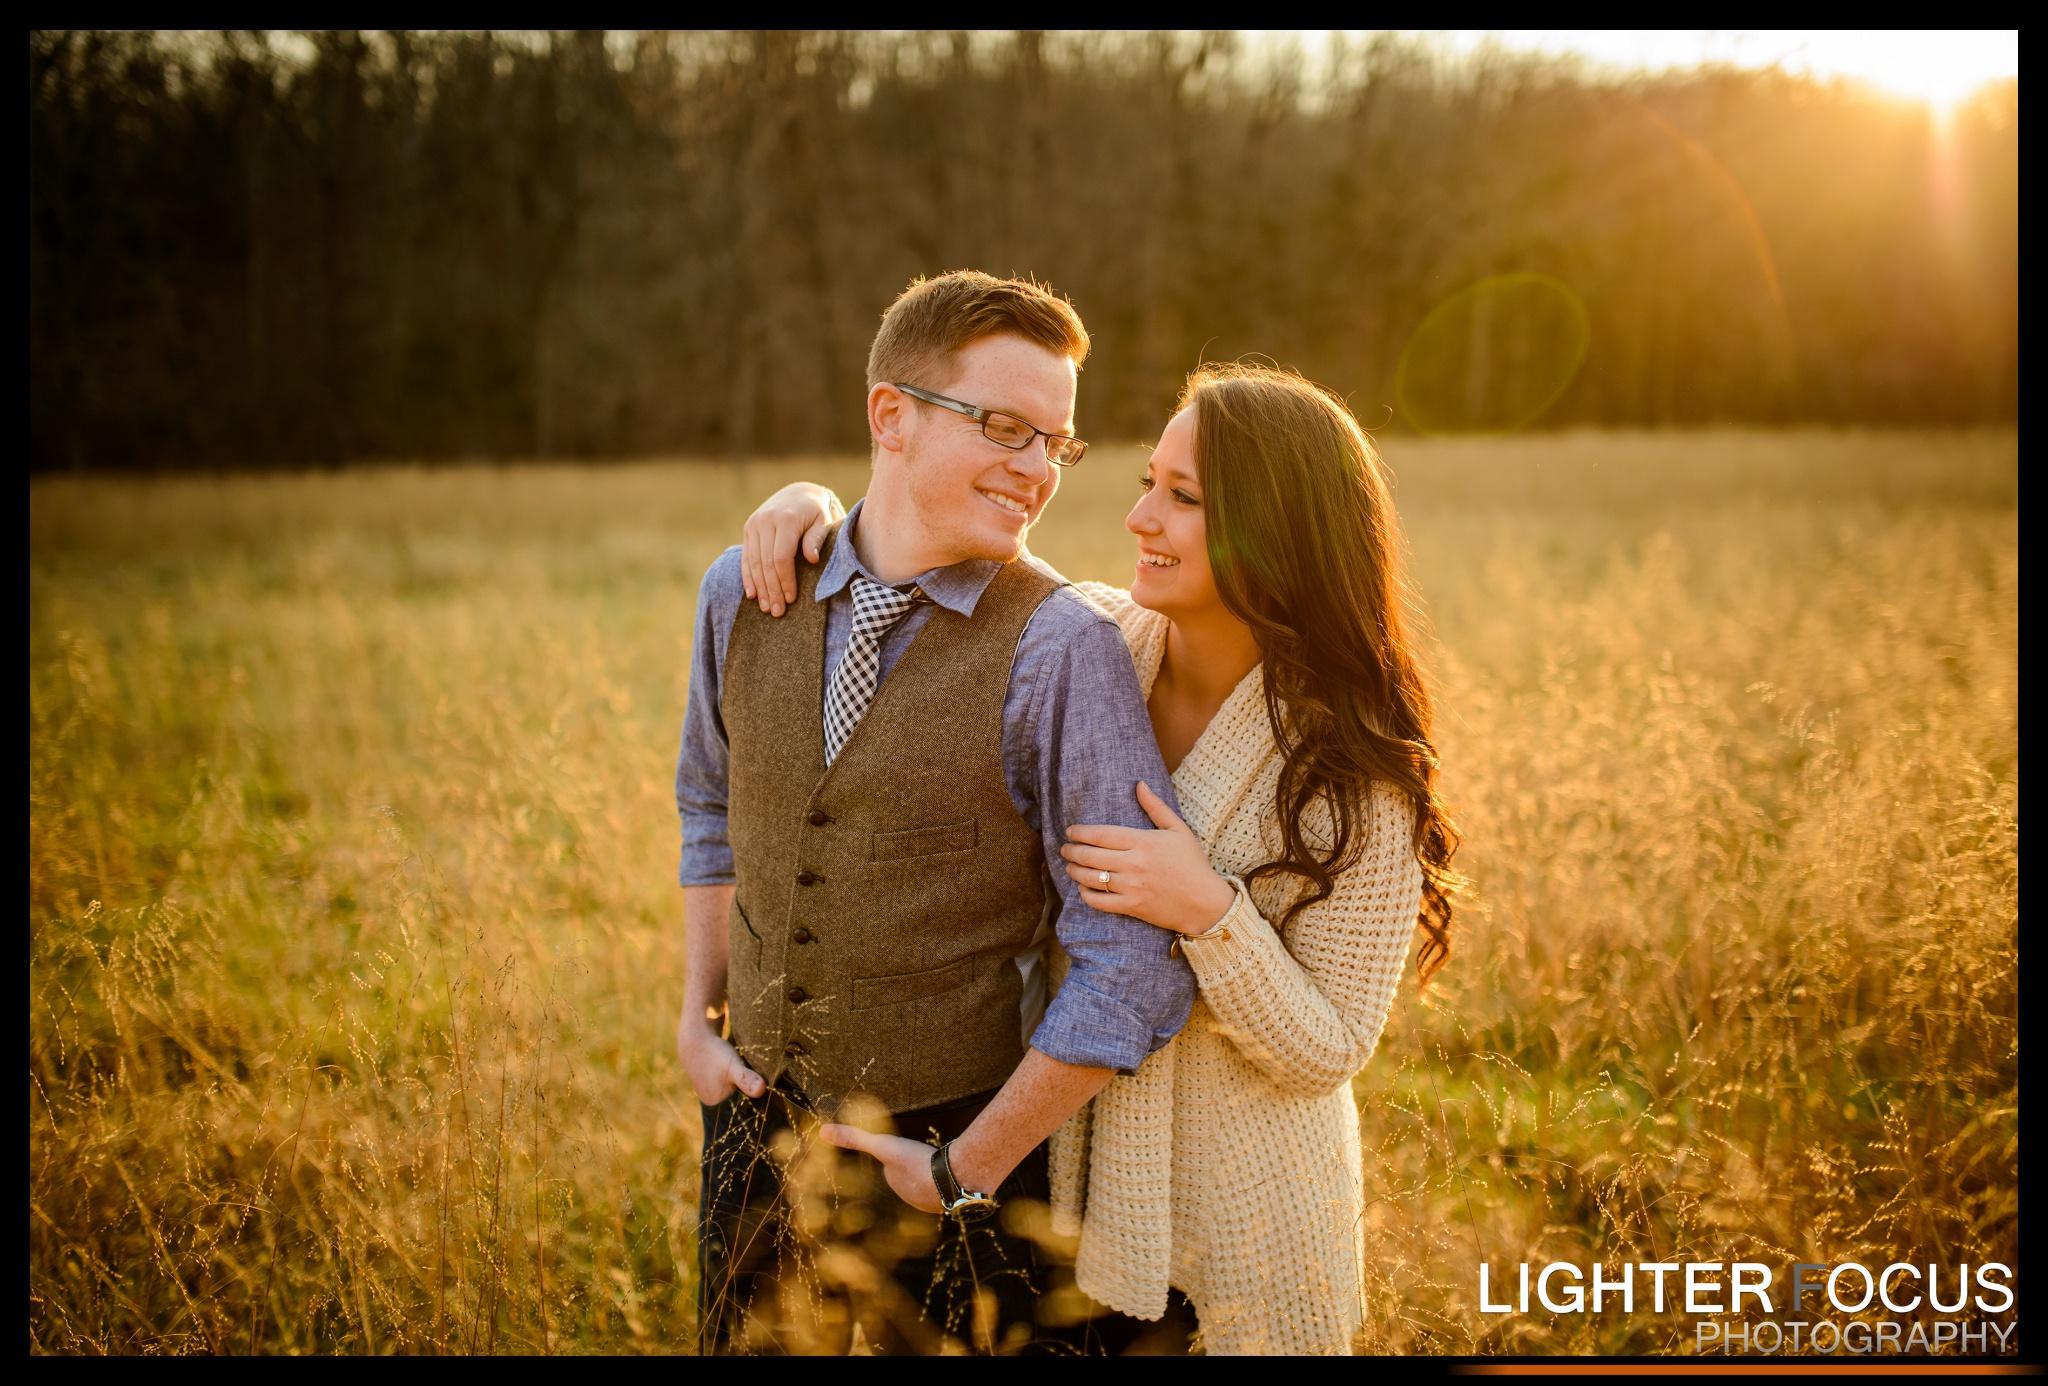 Jordan & Kylie's Engagement pictures